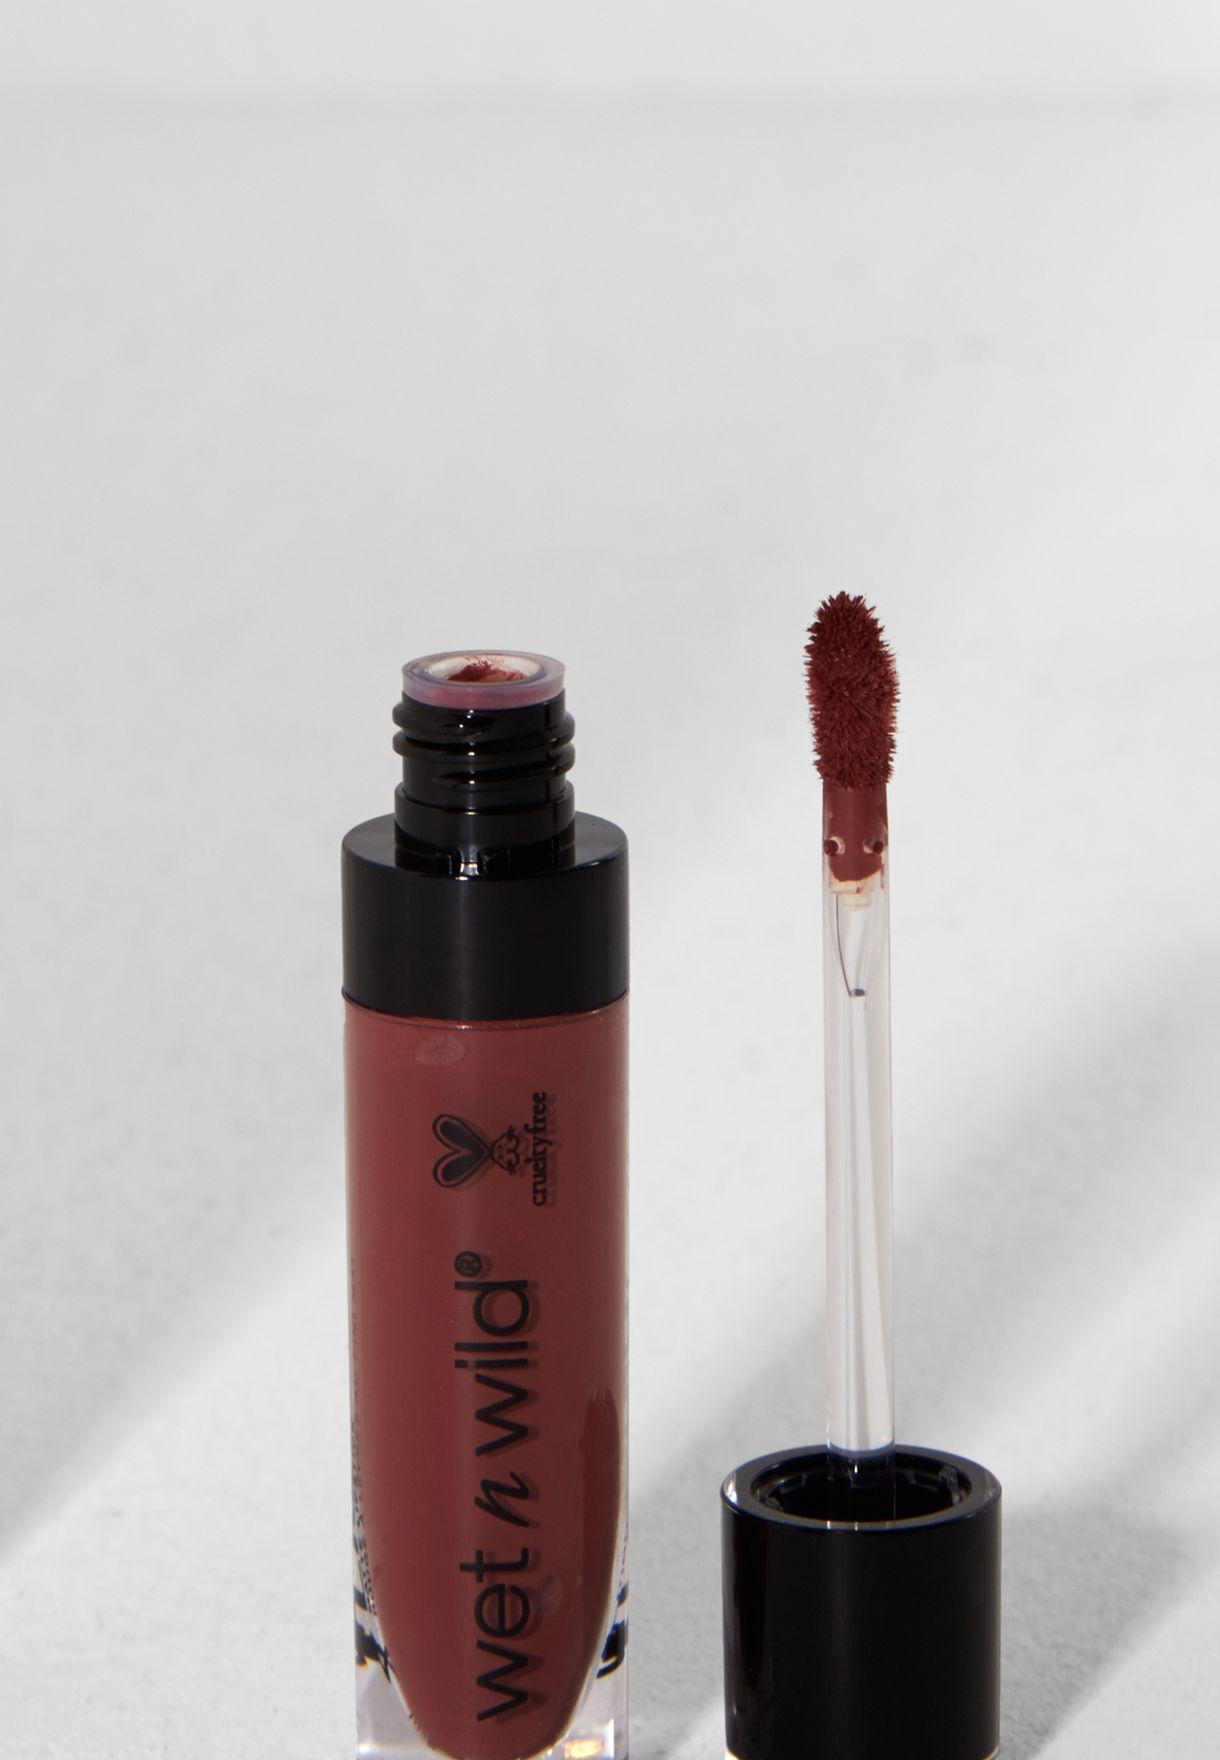 Megalast Liquid Lipstick - Give Me Mocha